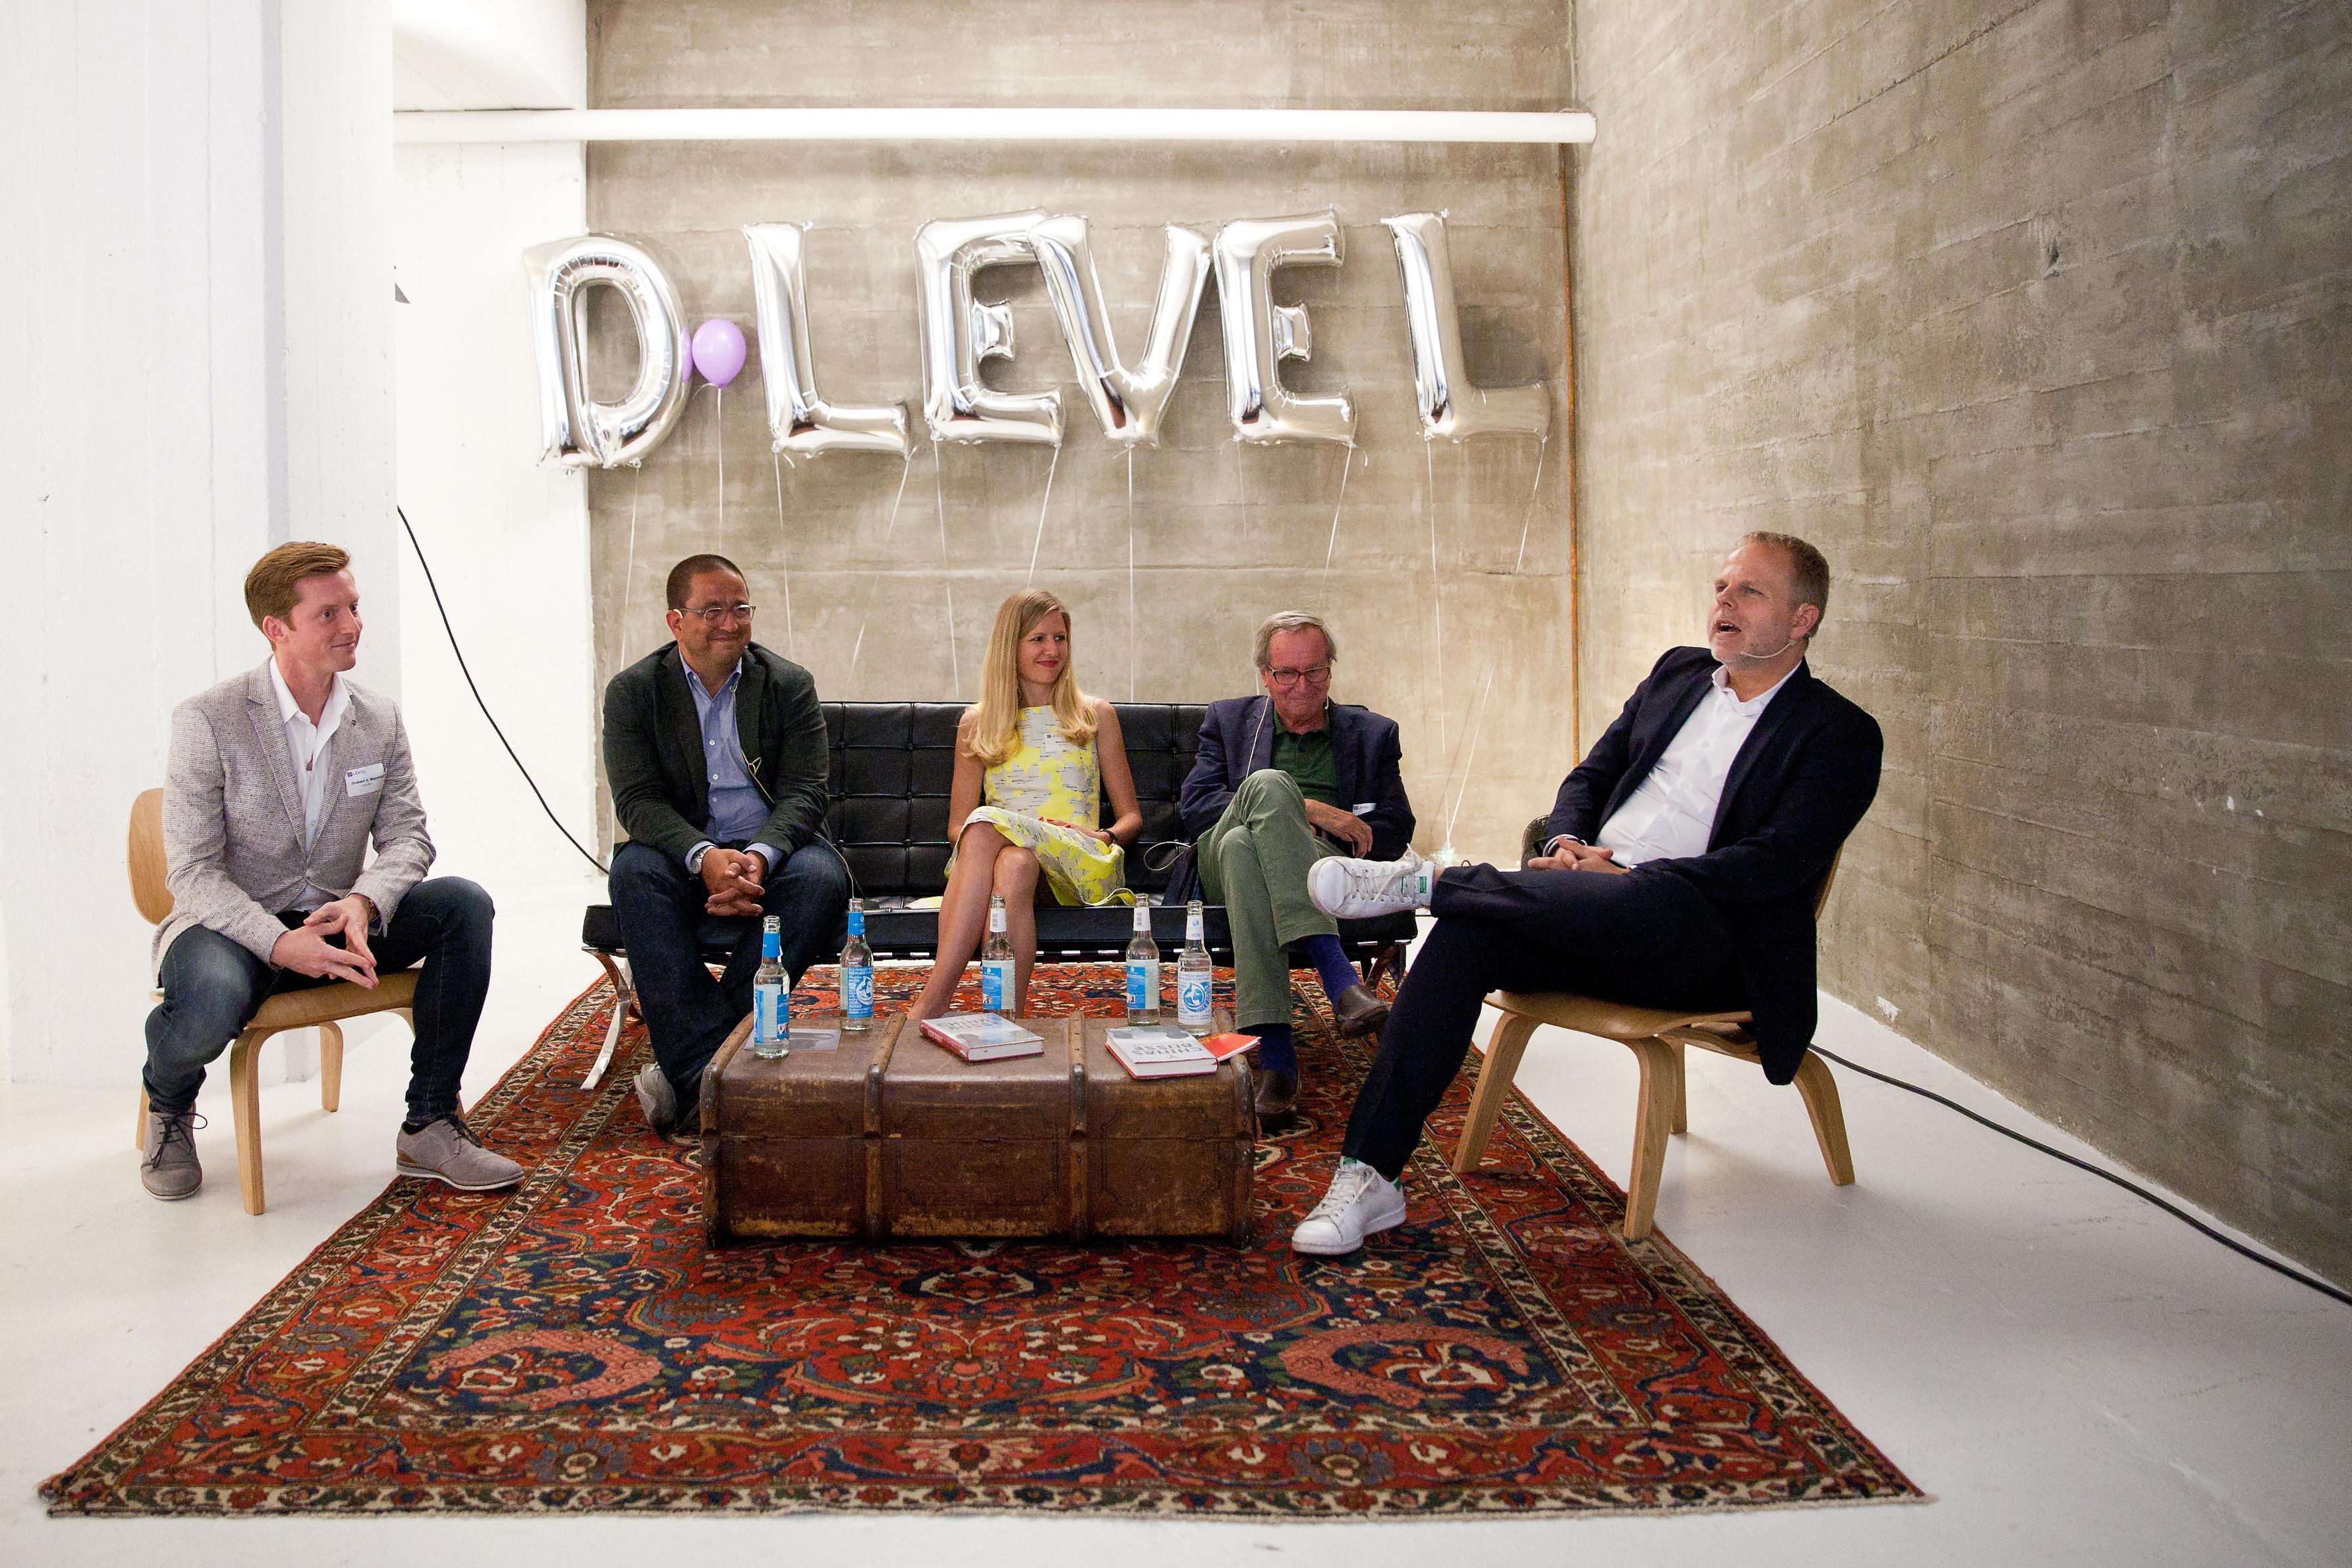 Das Experten-Panel beim D-Level-Talk #1 am 12. Juni.